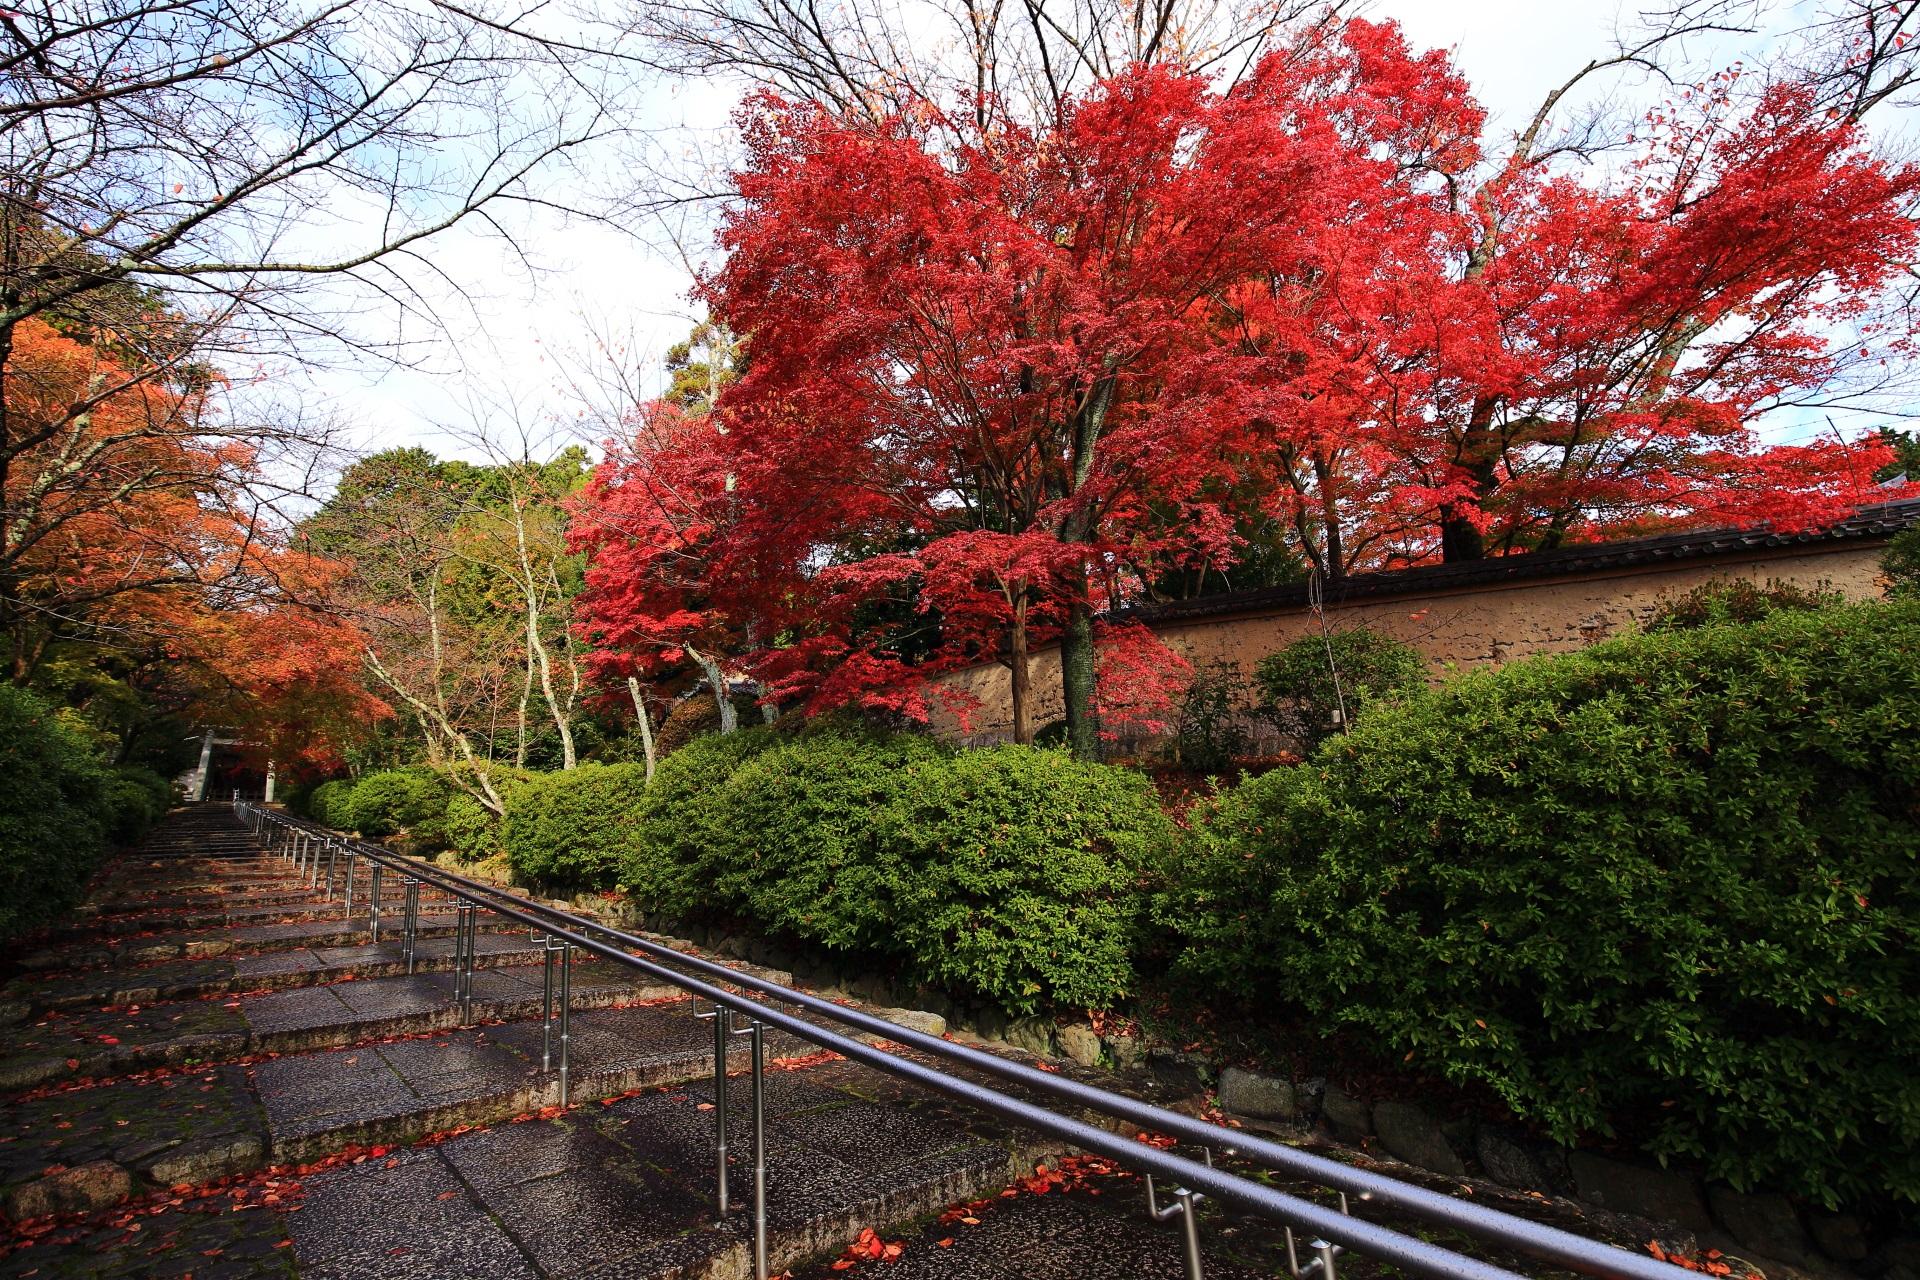 良く色づいた石段を彩る鮮やかな紅葉